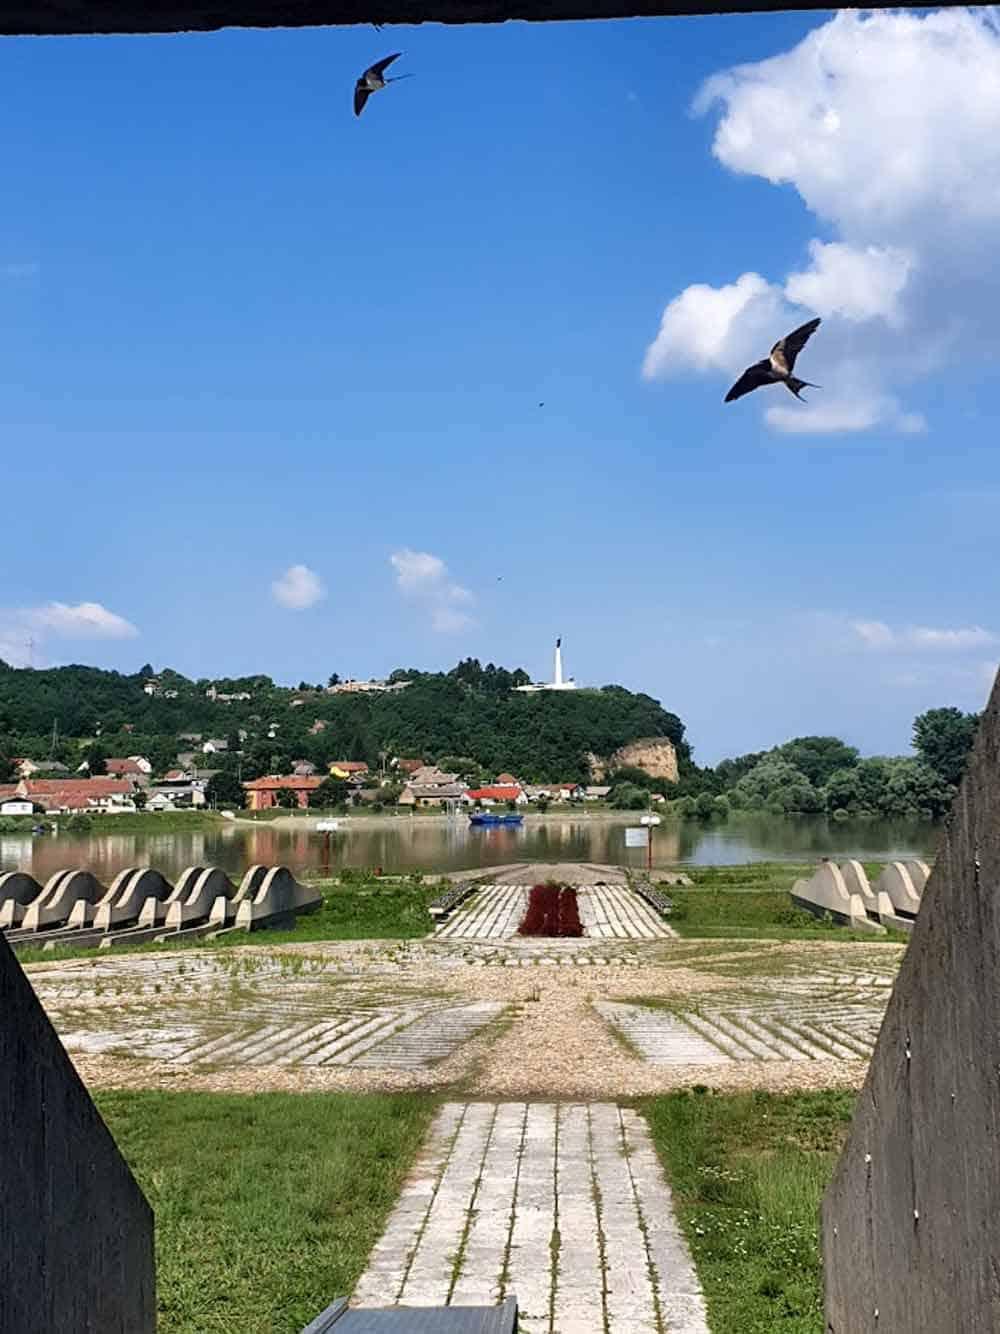 OBNOVLJEN 2017: Pogled iz Muzeja Batinske bitke na spomenik na drugoj strani Dunava